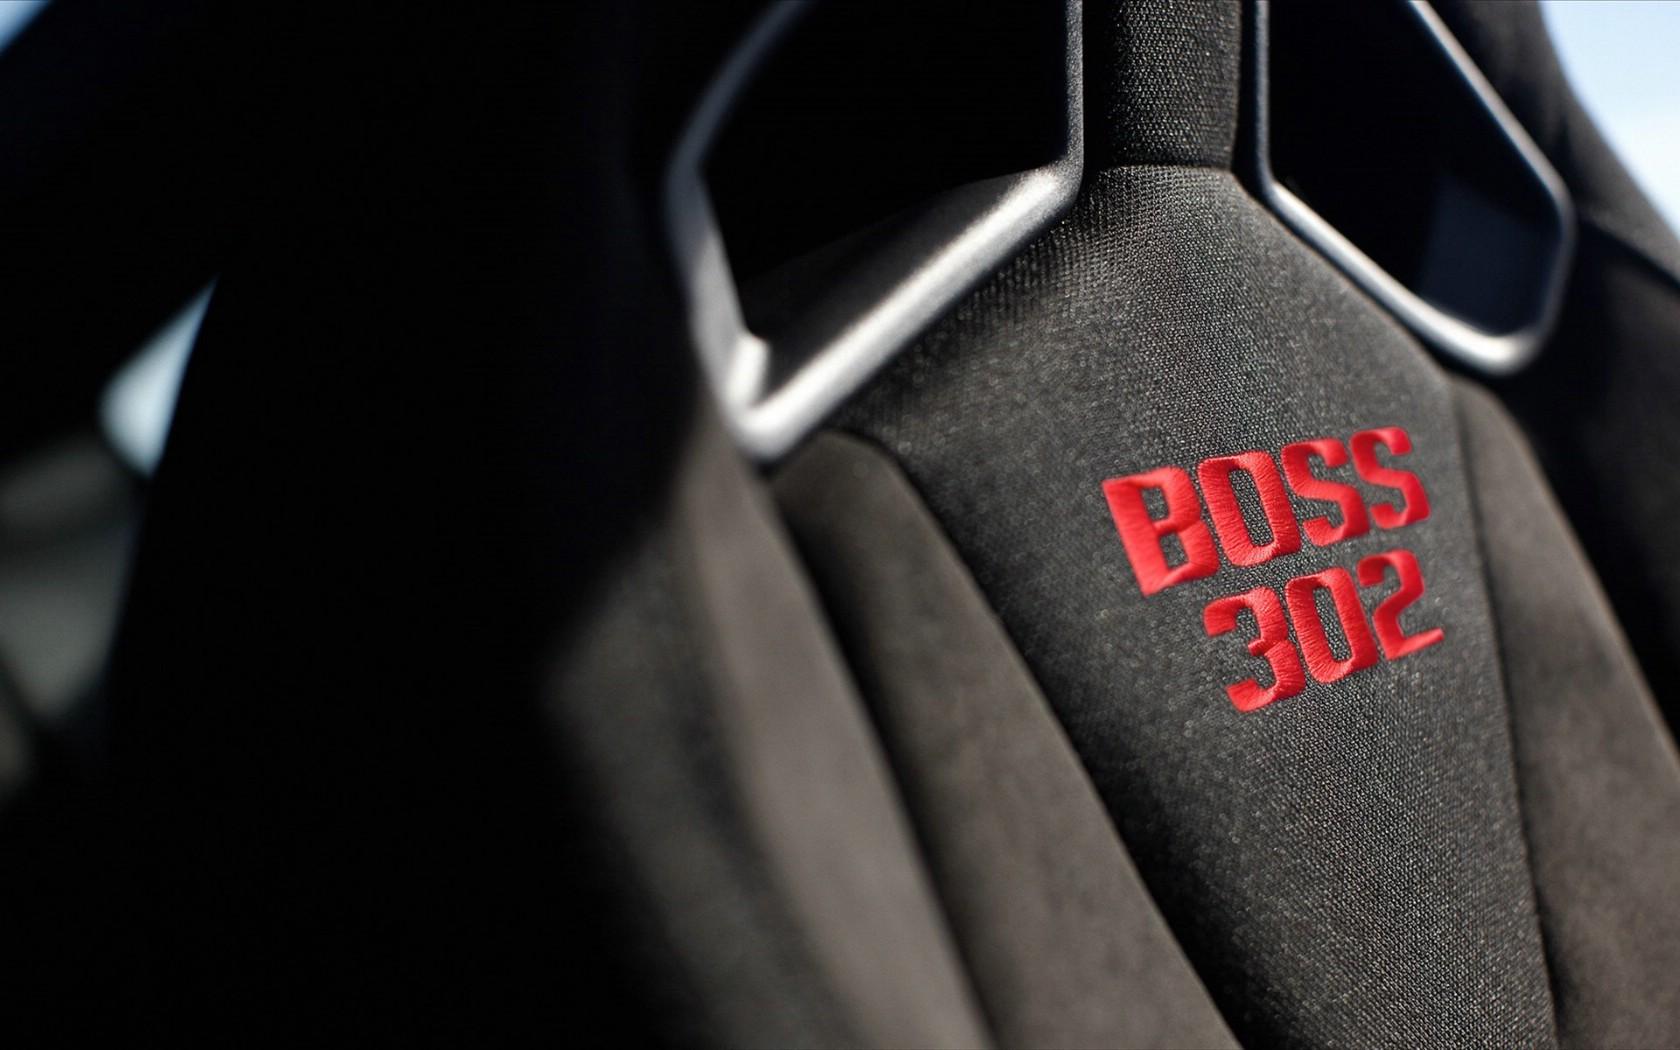 壁纸1680×1050Ford Mustang Boss 福特野马 302 2012 壁纸13壁纸 Ford Musta壁纸图片静物壁纸静物图片素材桌面壁纸